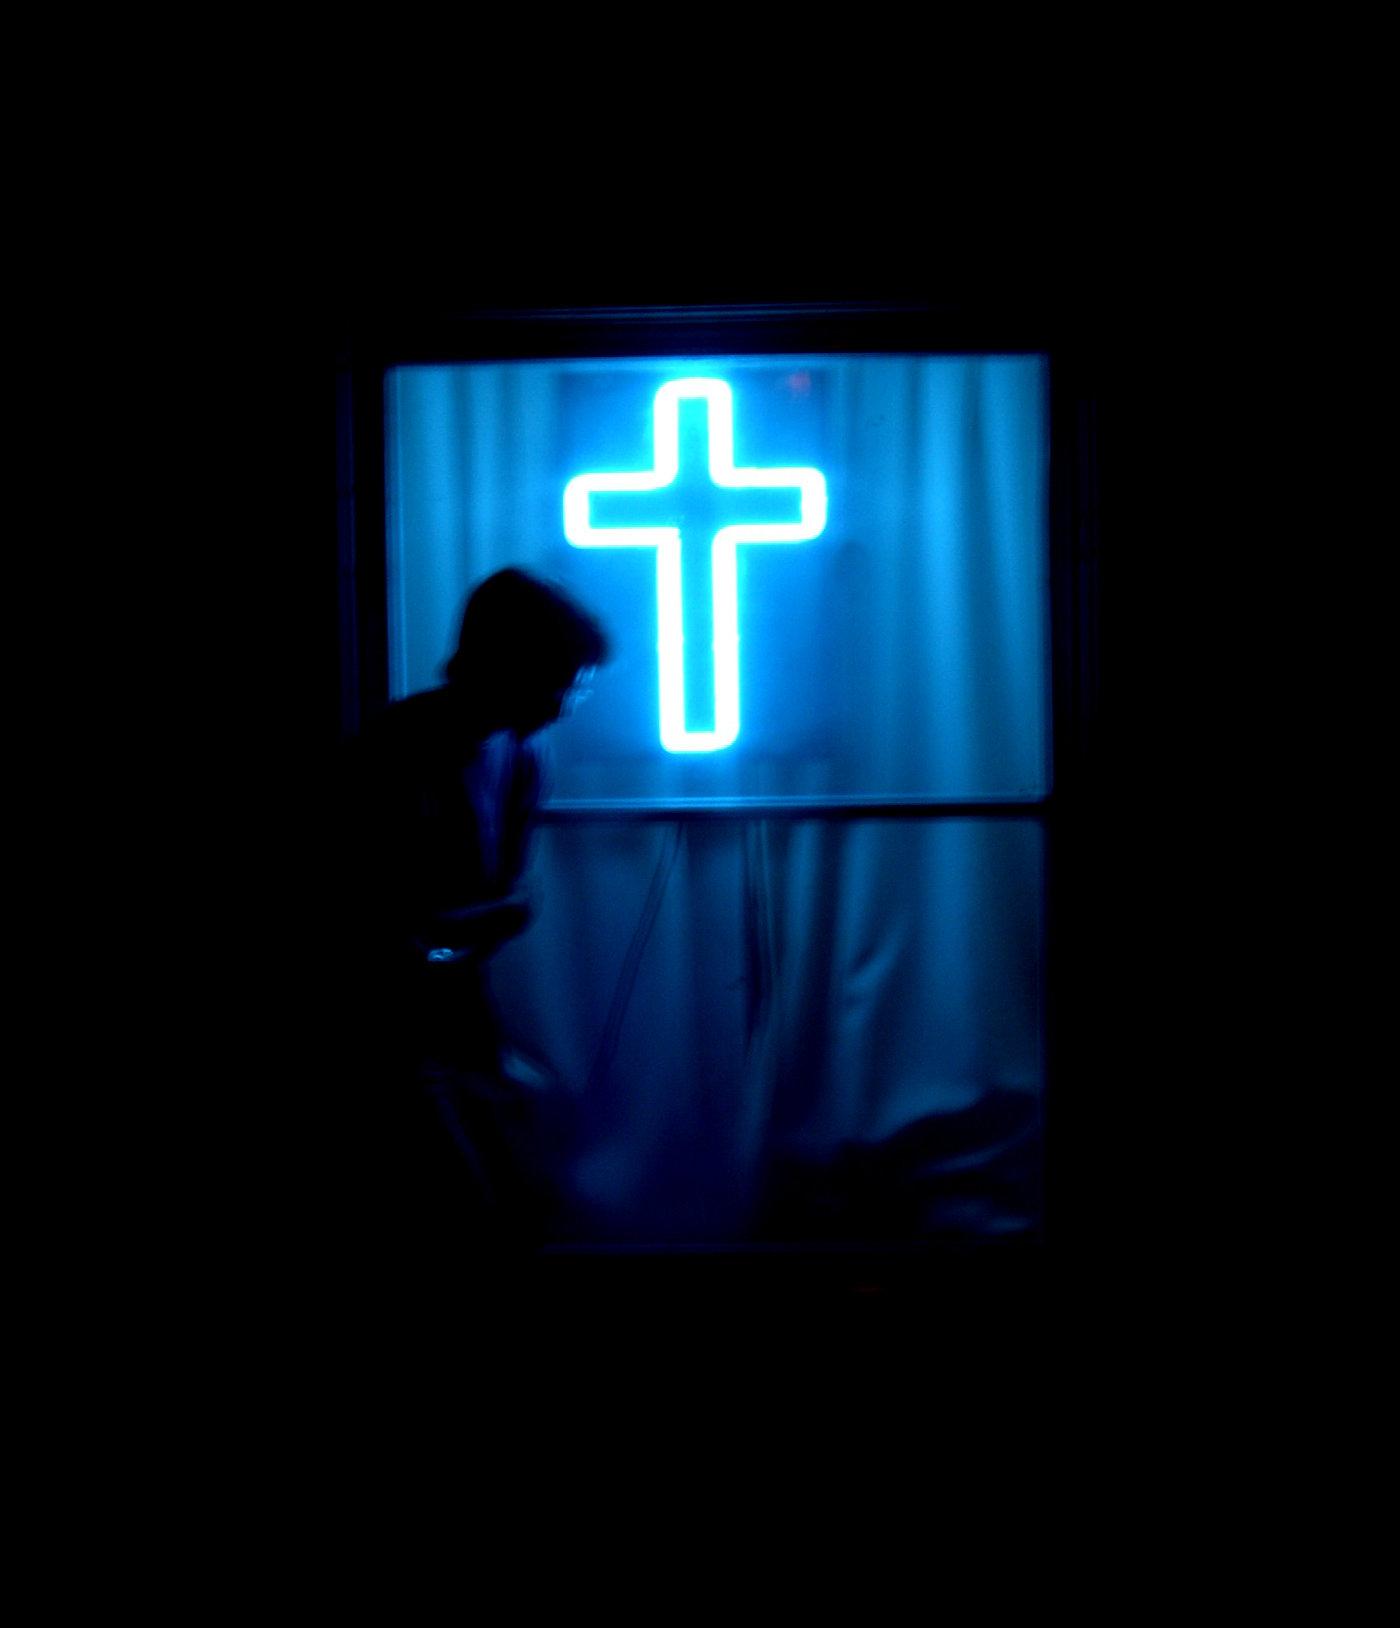 Neon Cross Wallpaper Wallpapersafari